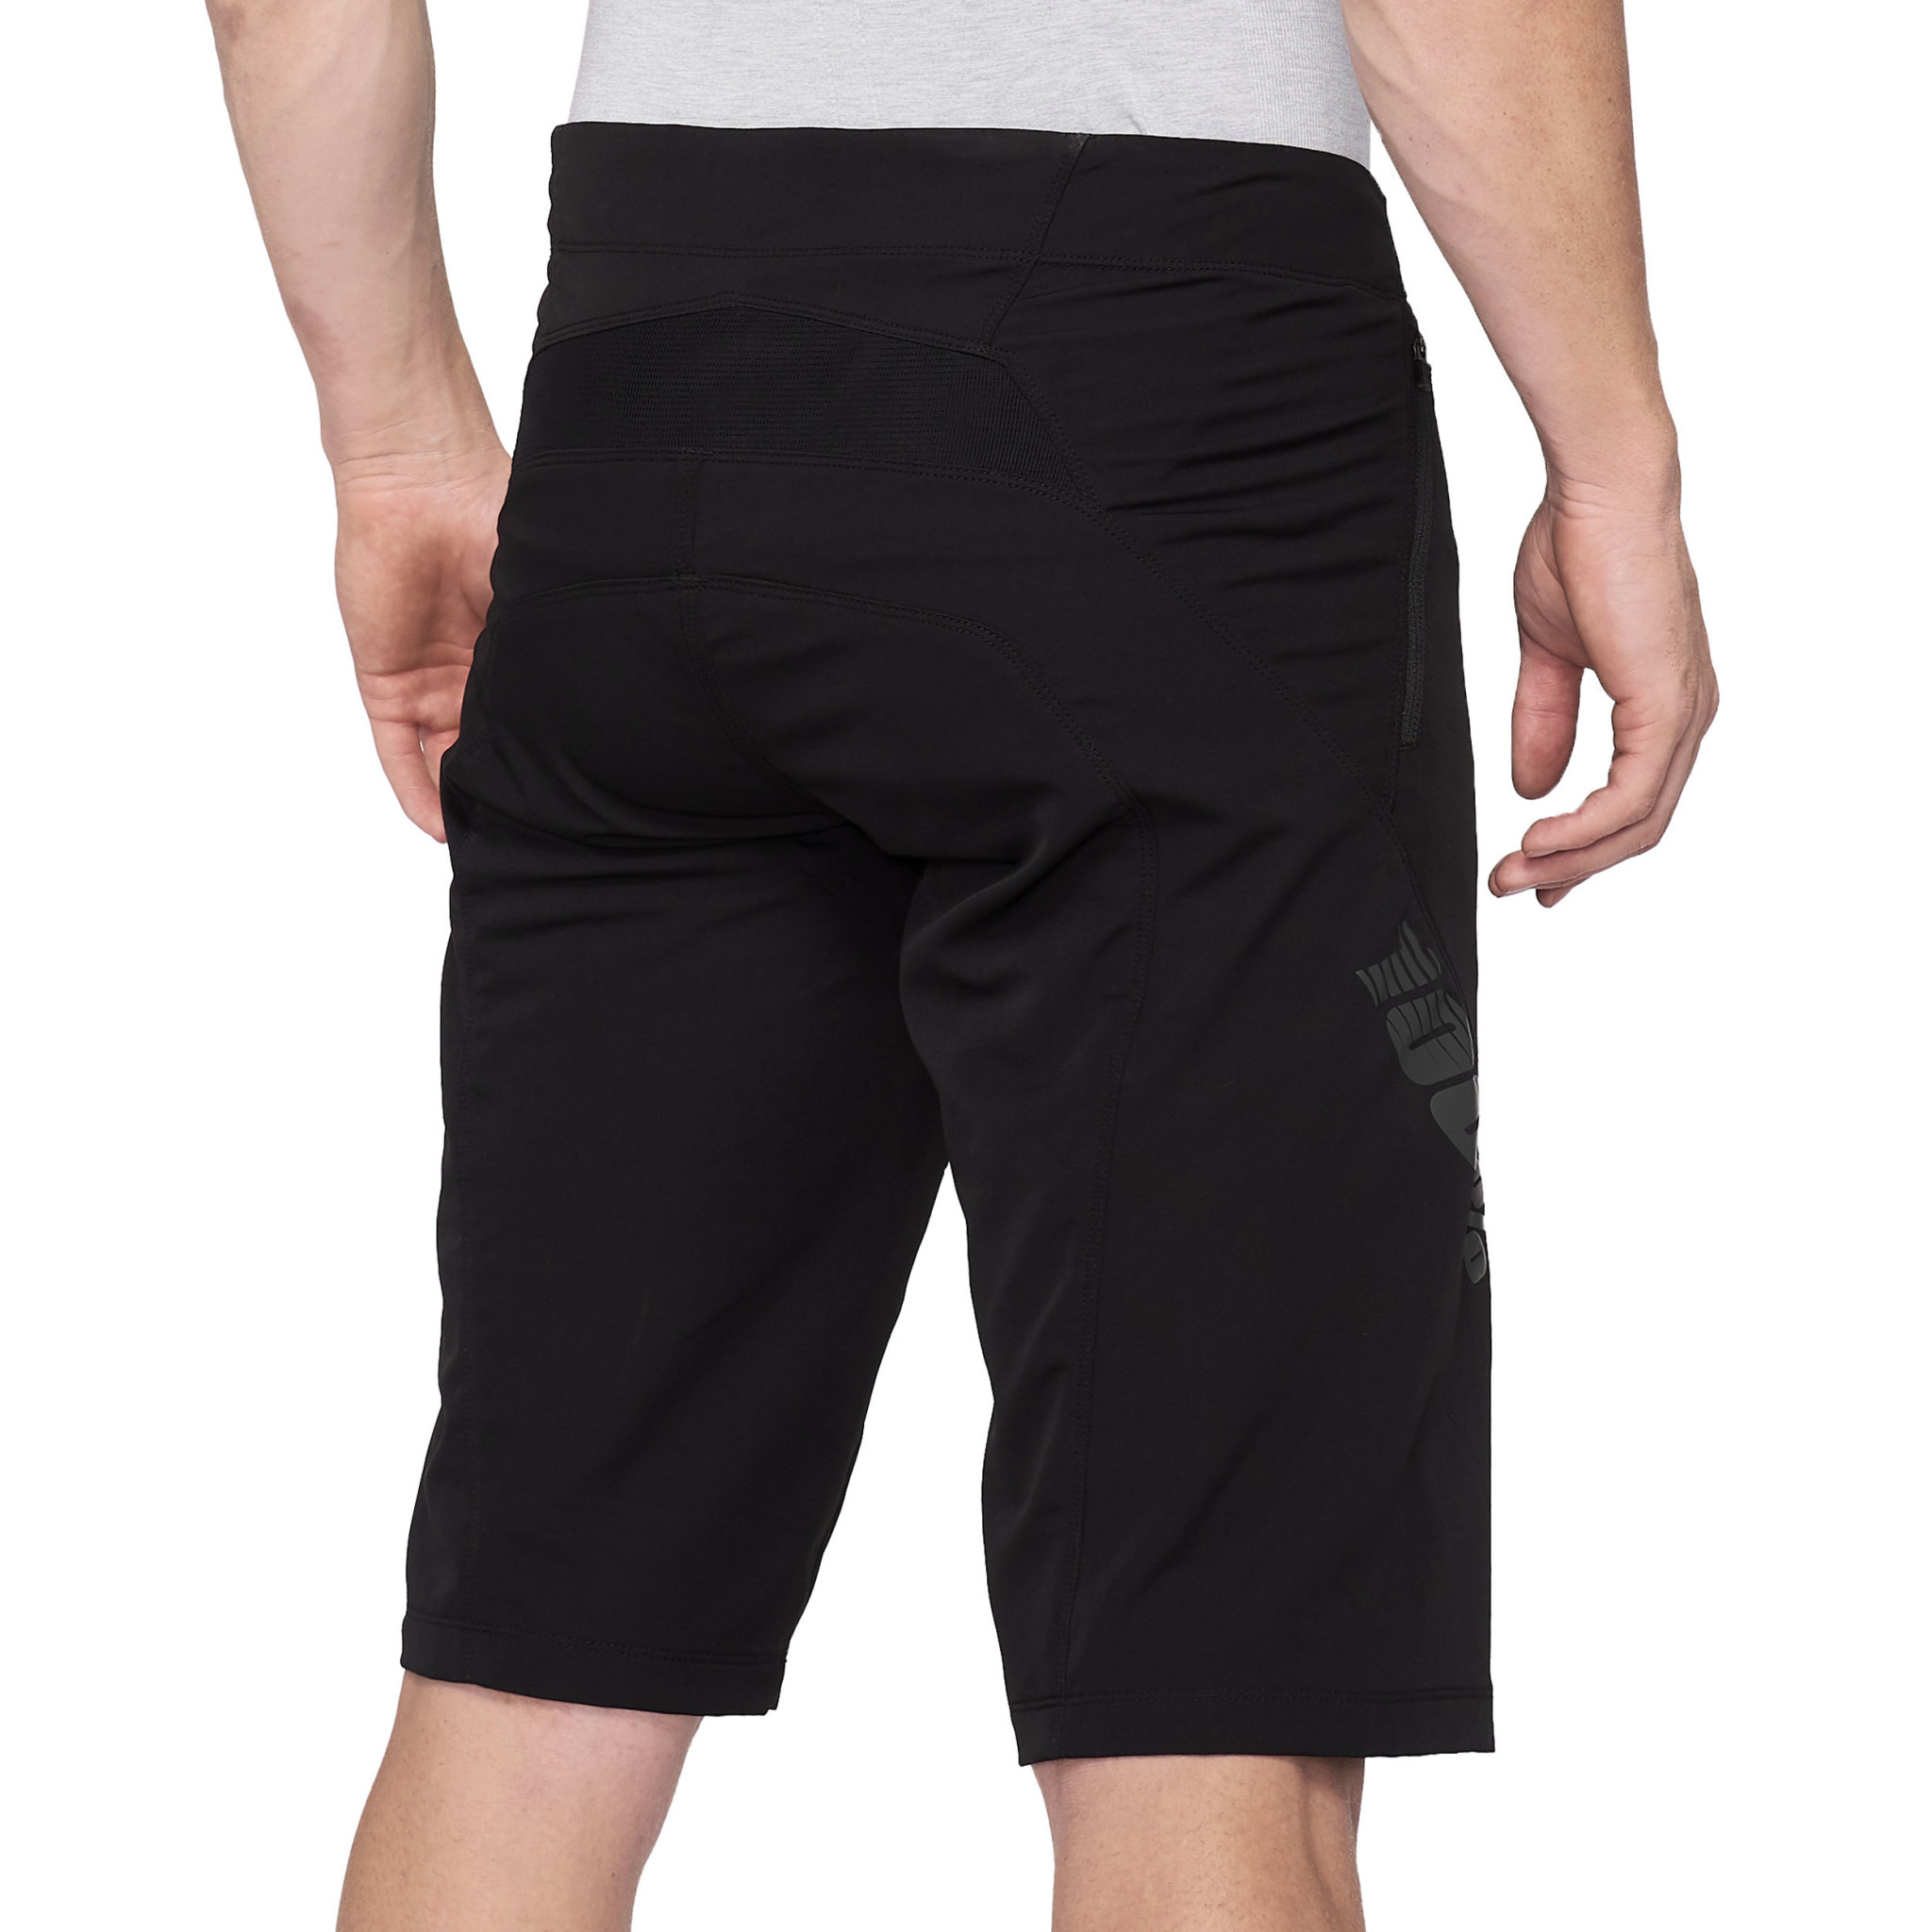 Airmatic Shorts-11